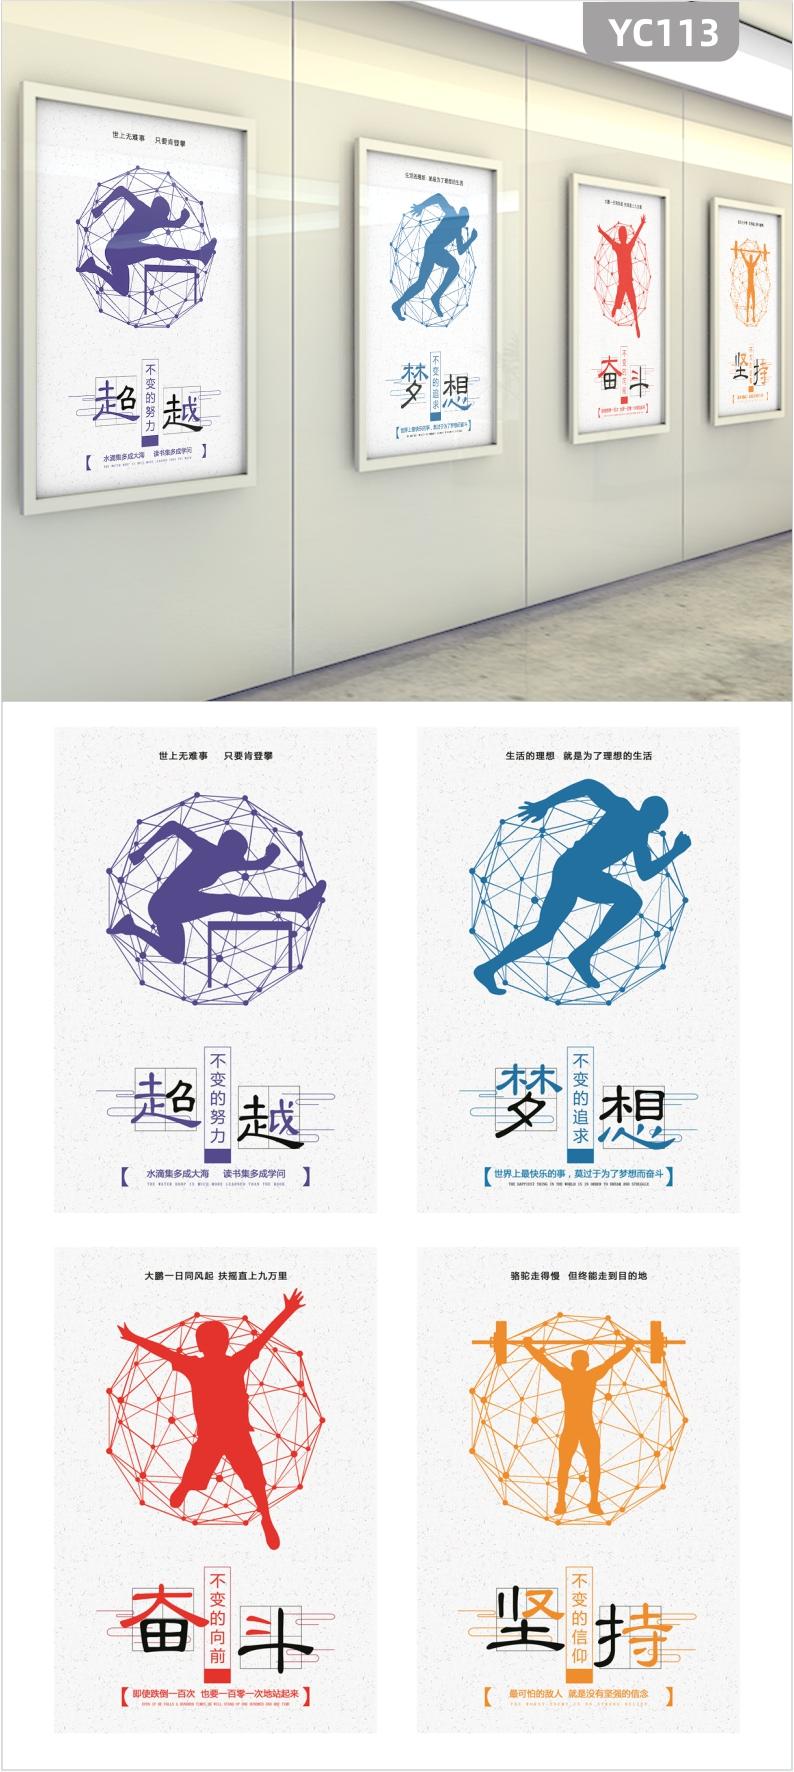 企业公司文化宣传挂画办公会议室背景墙装饰布置激励奋斗励志展板